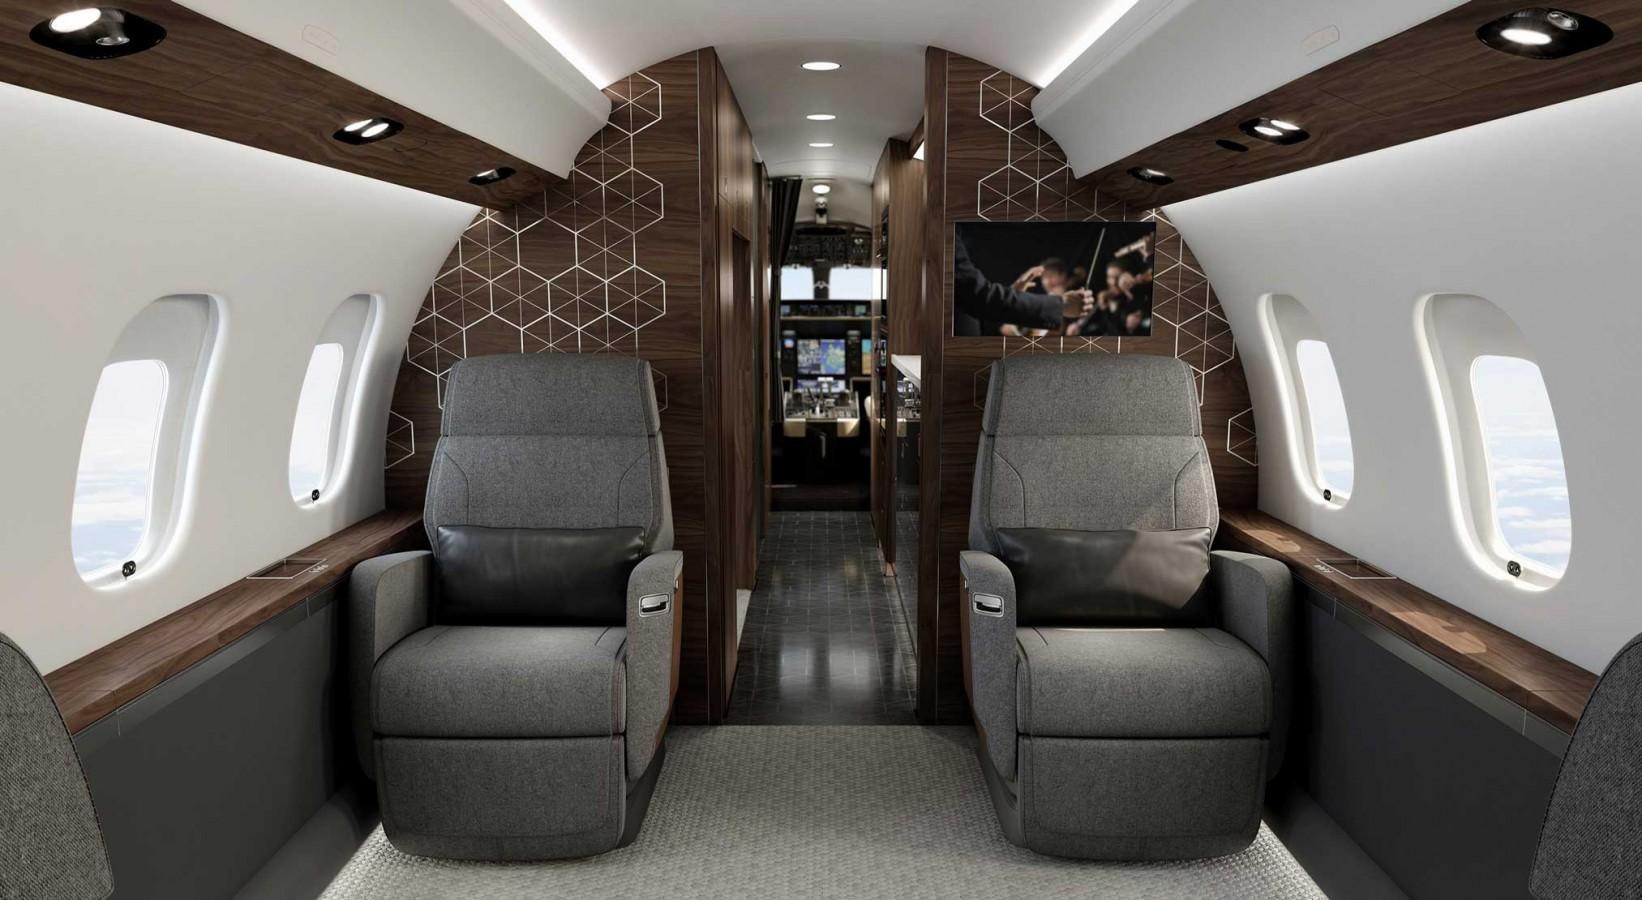 Global 6500 cabin